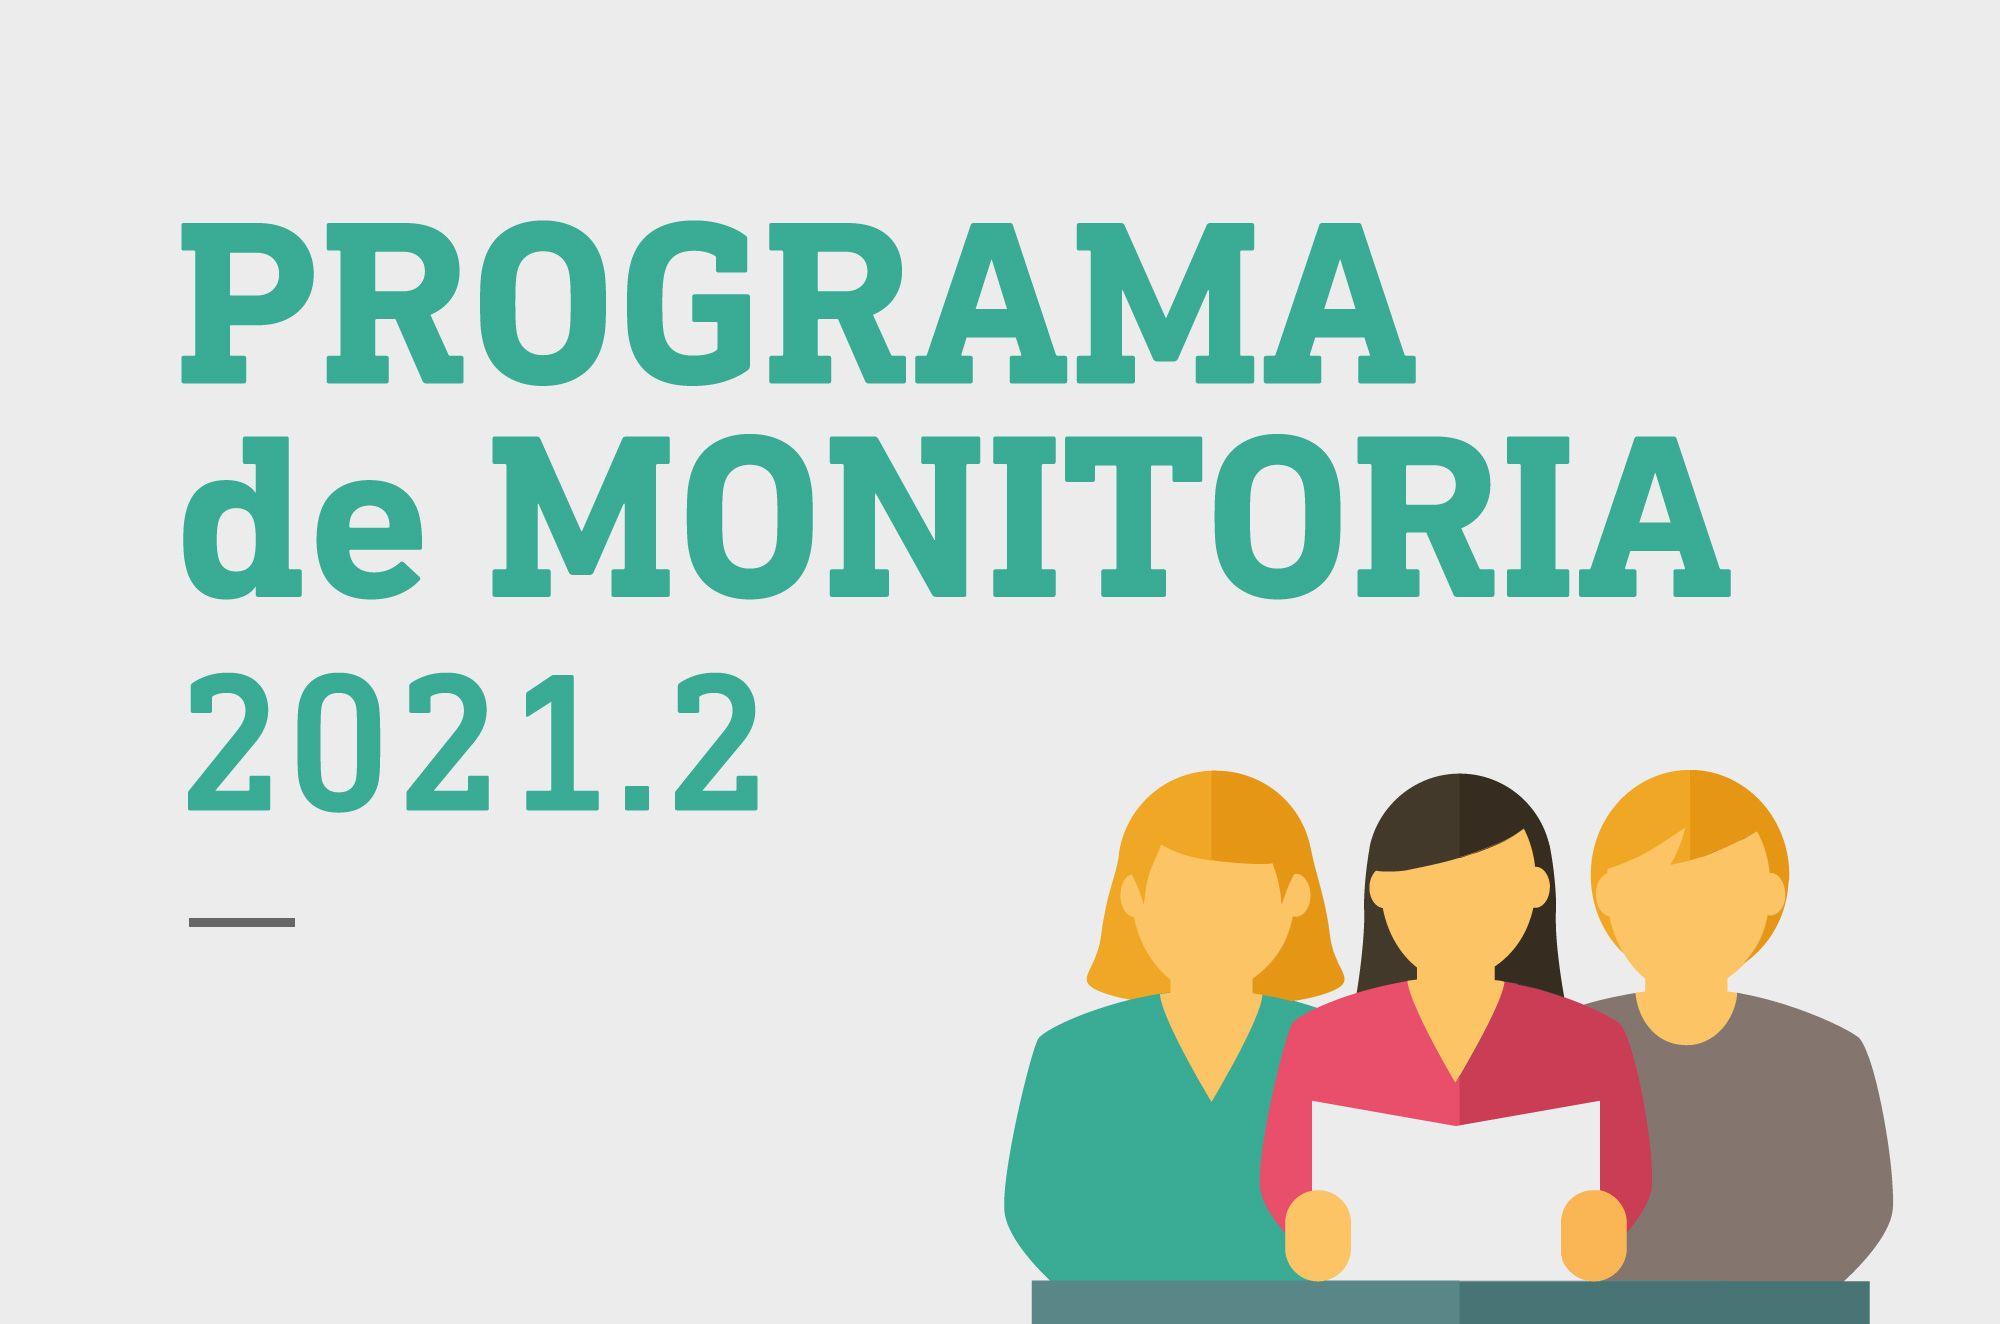 Programa de Monitoria 2021.2 - Resultado Medicina